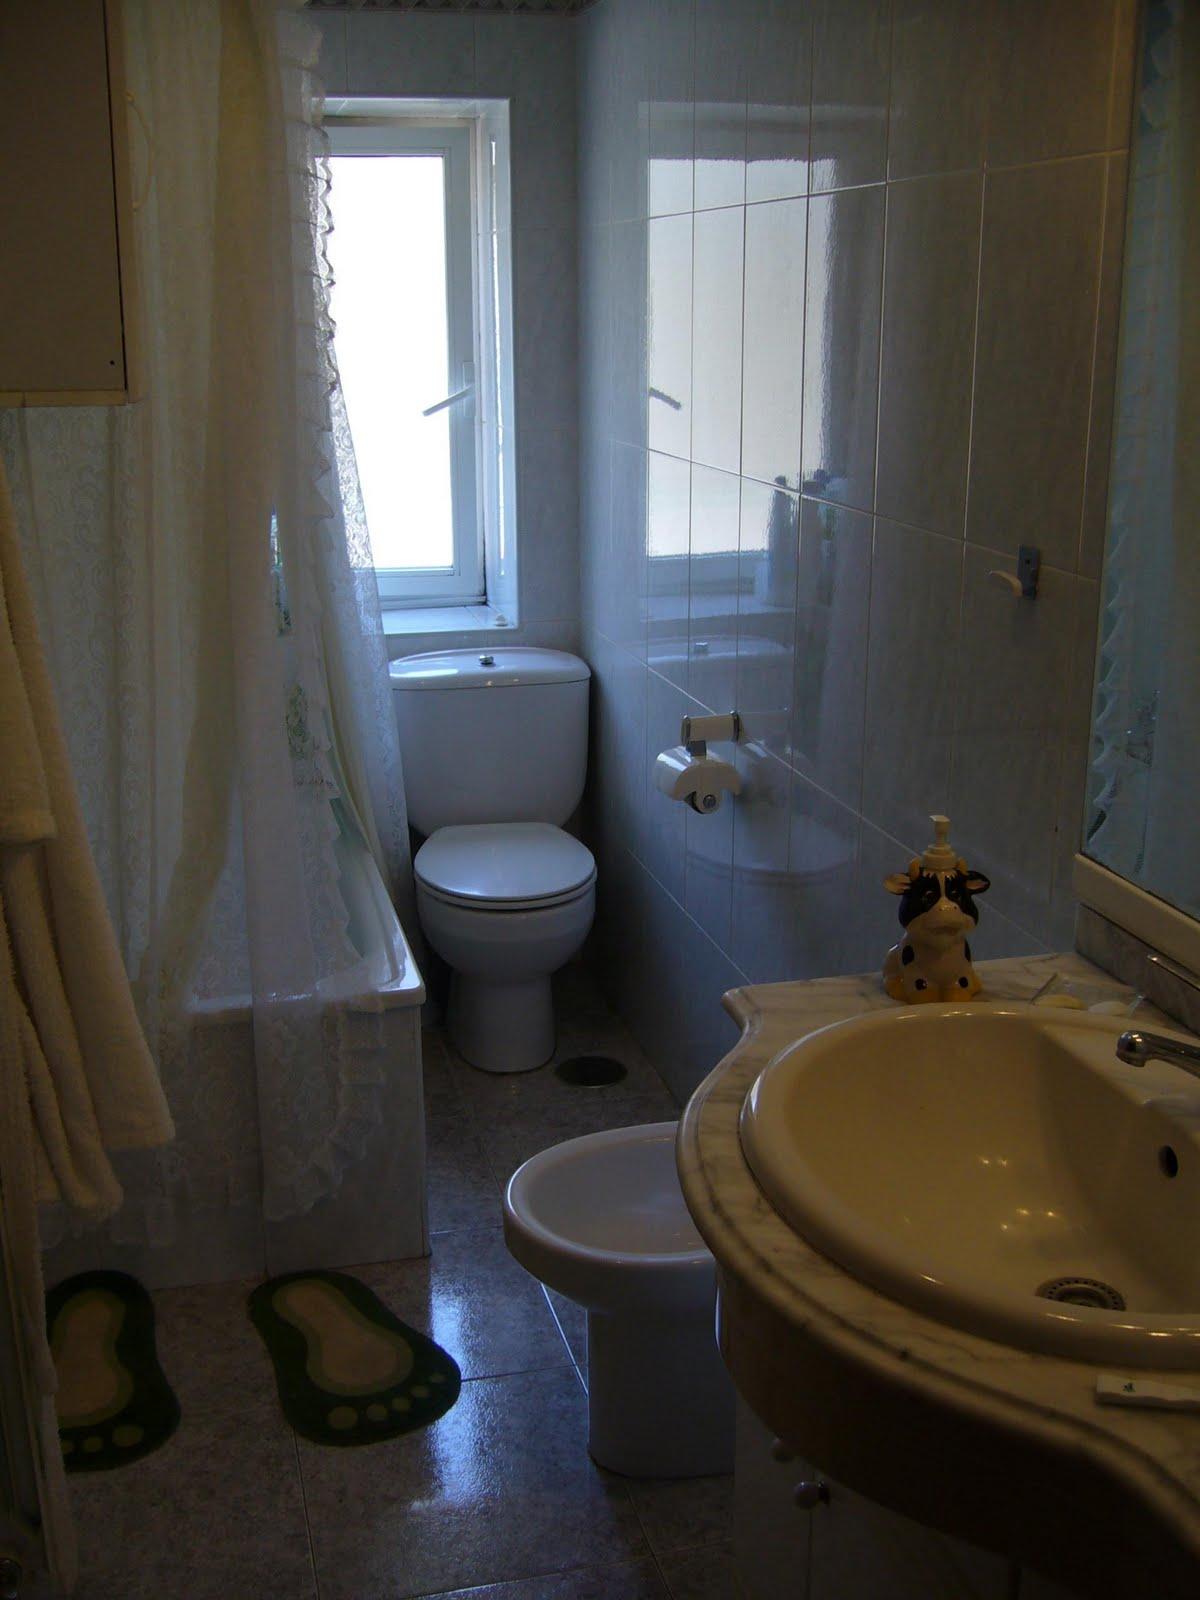 Dise o de ba os peque os con ducha alargados y con - Diseno banos pequenos con ducha ...